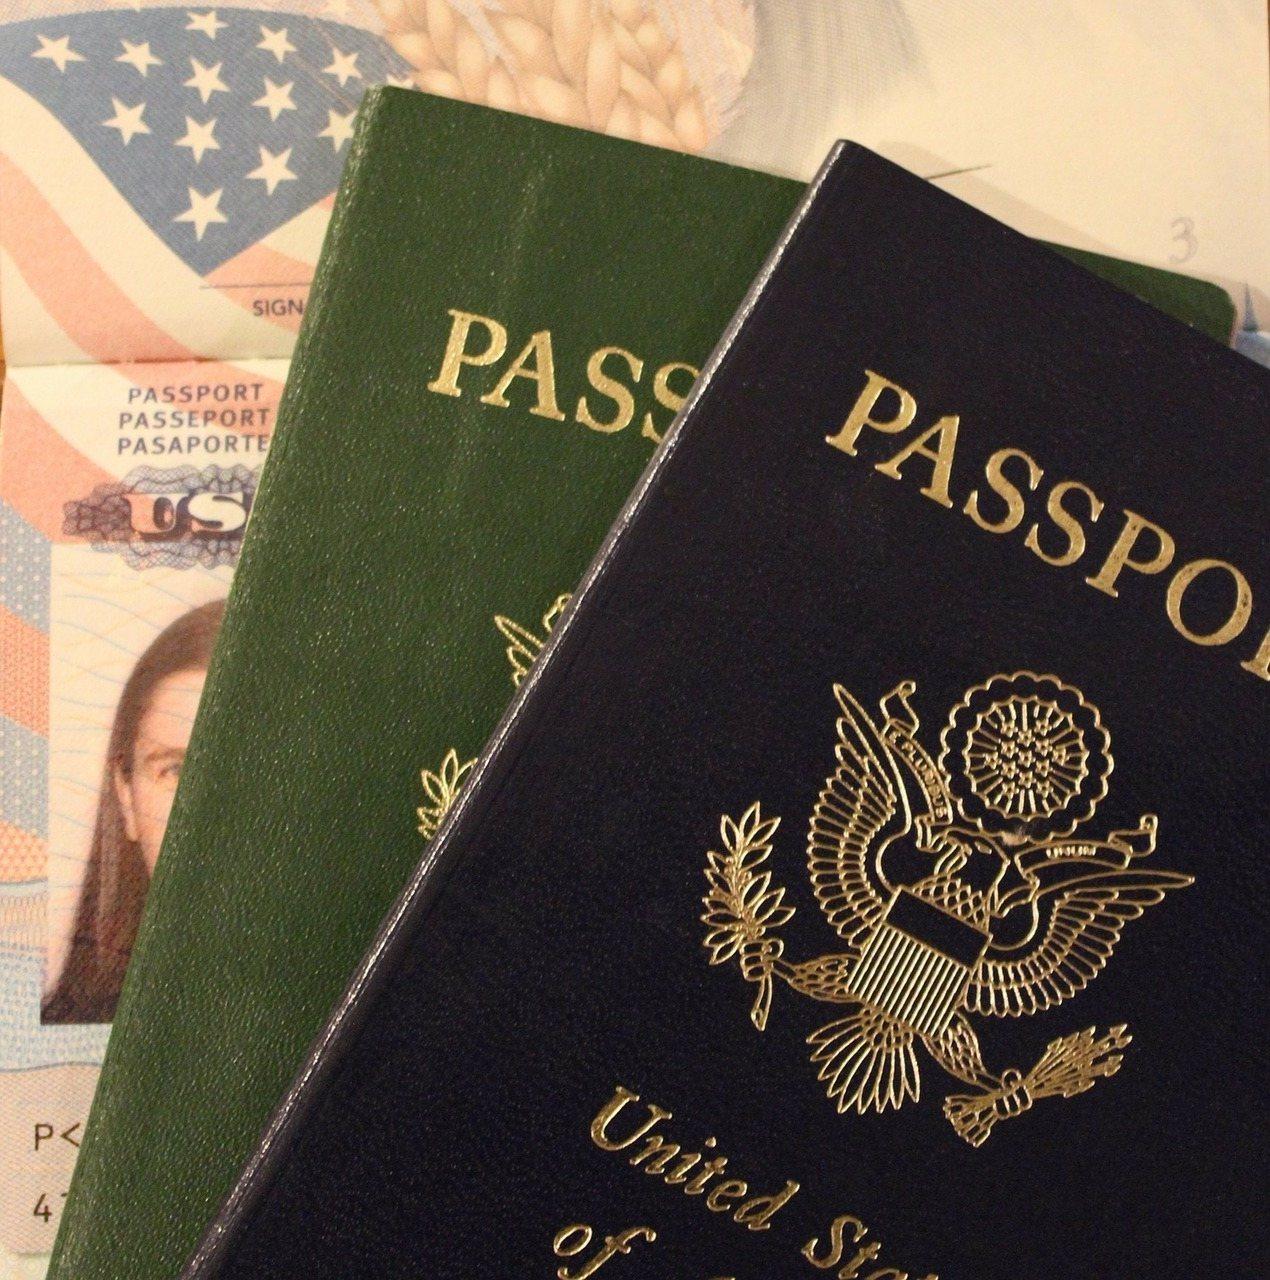 Decreto de expulsión y repatriación. Abogado de inmigración en Italia